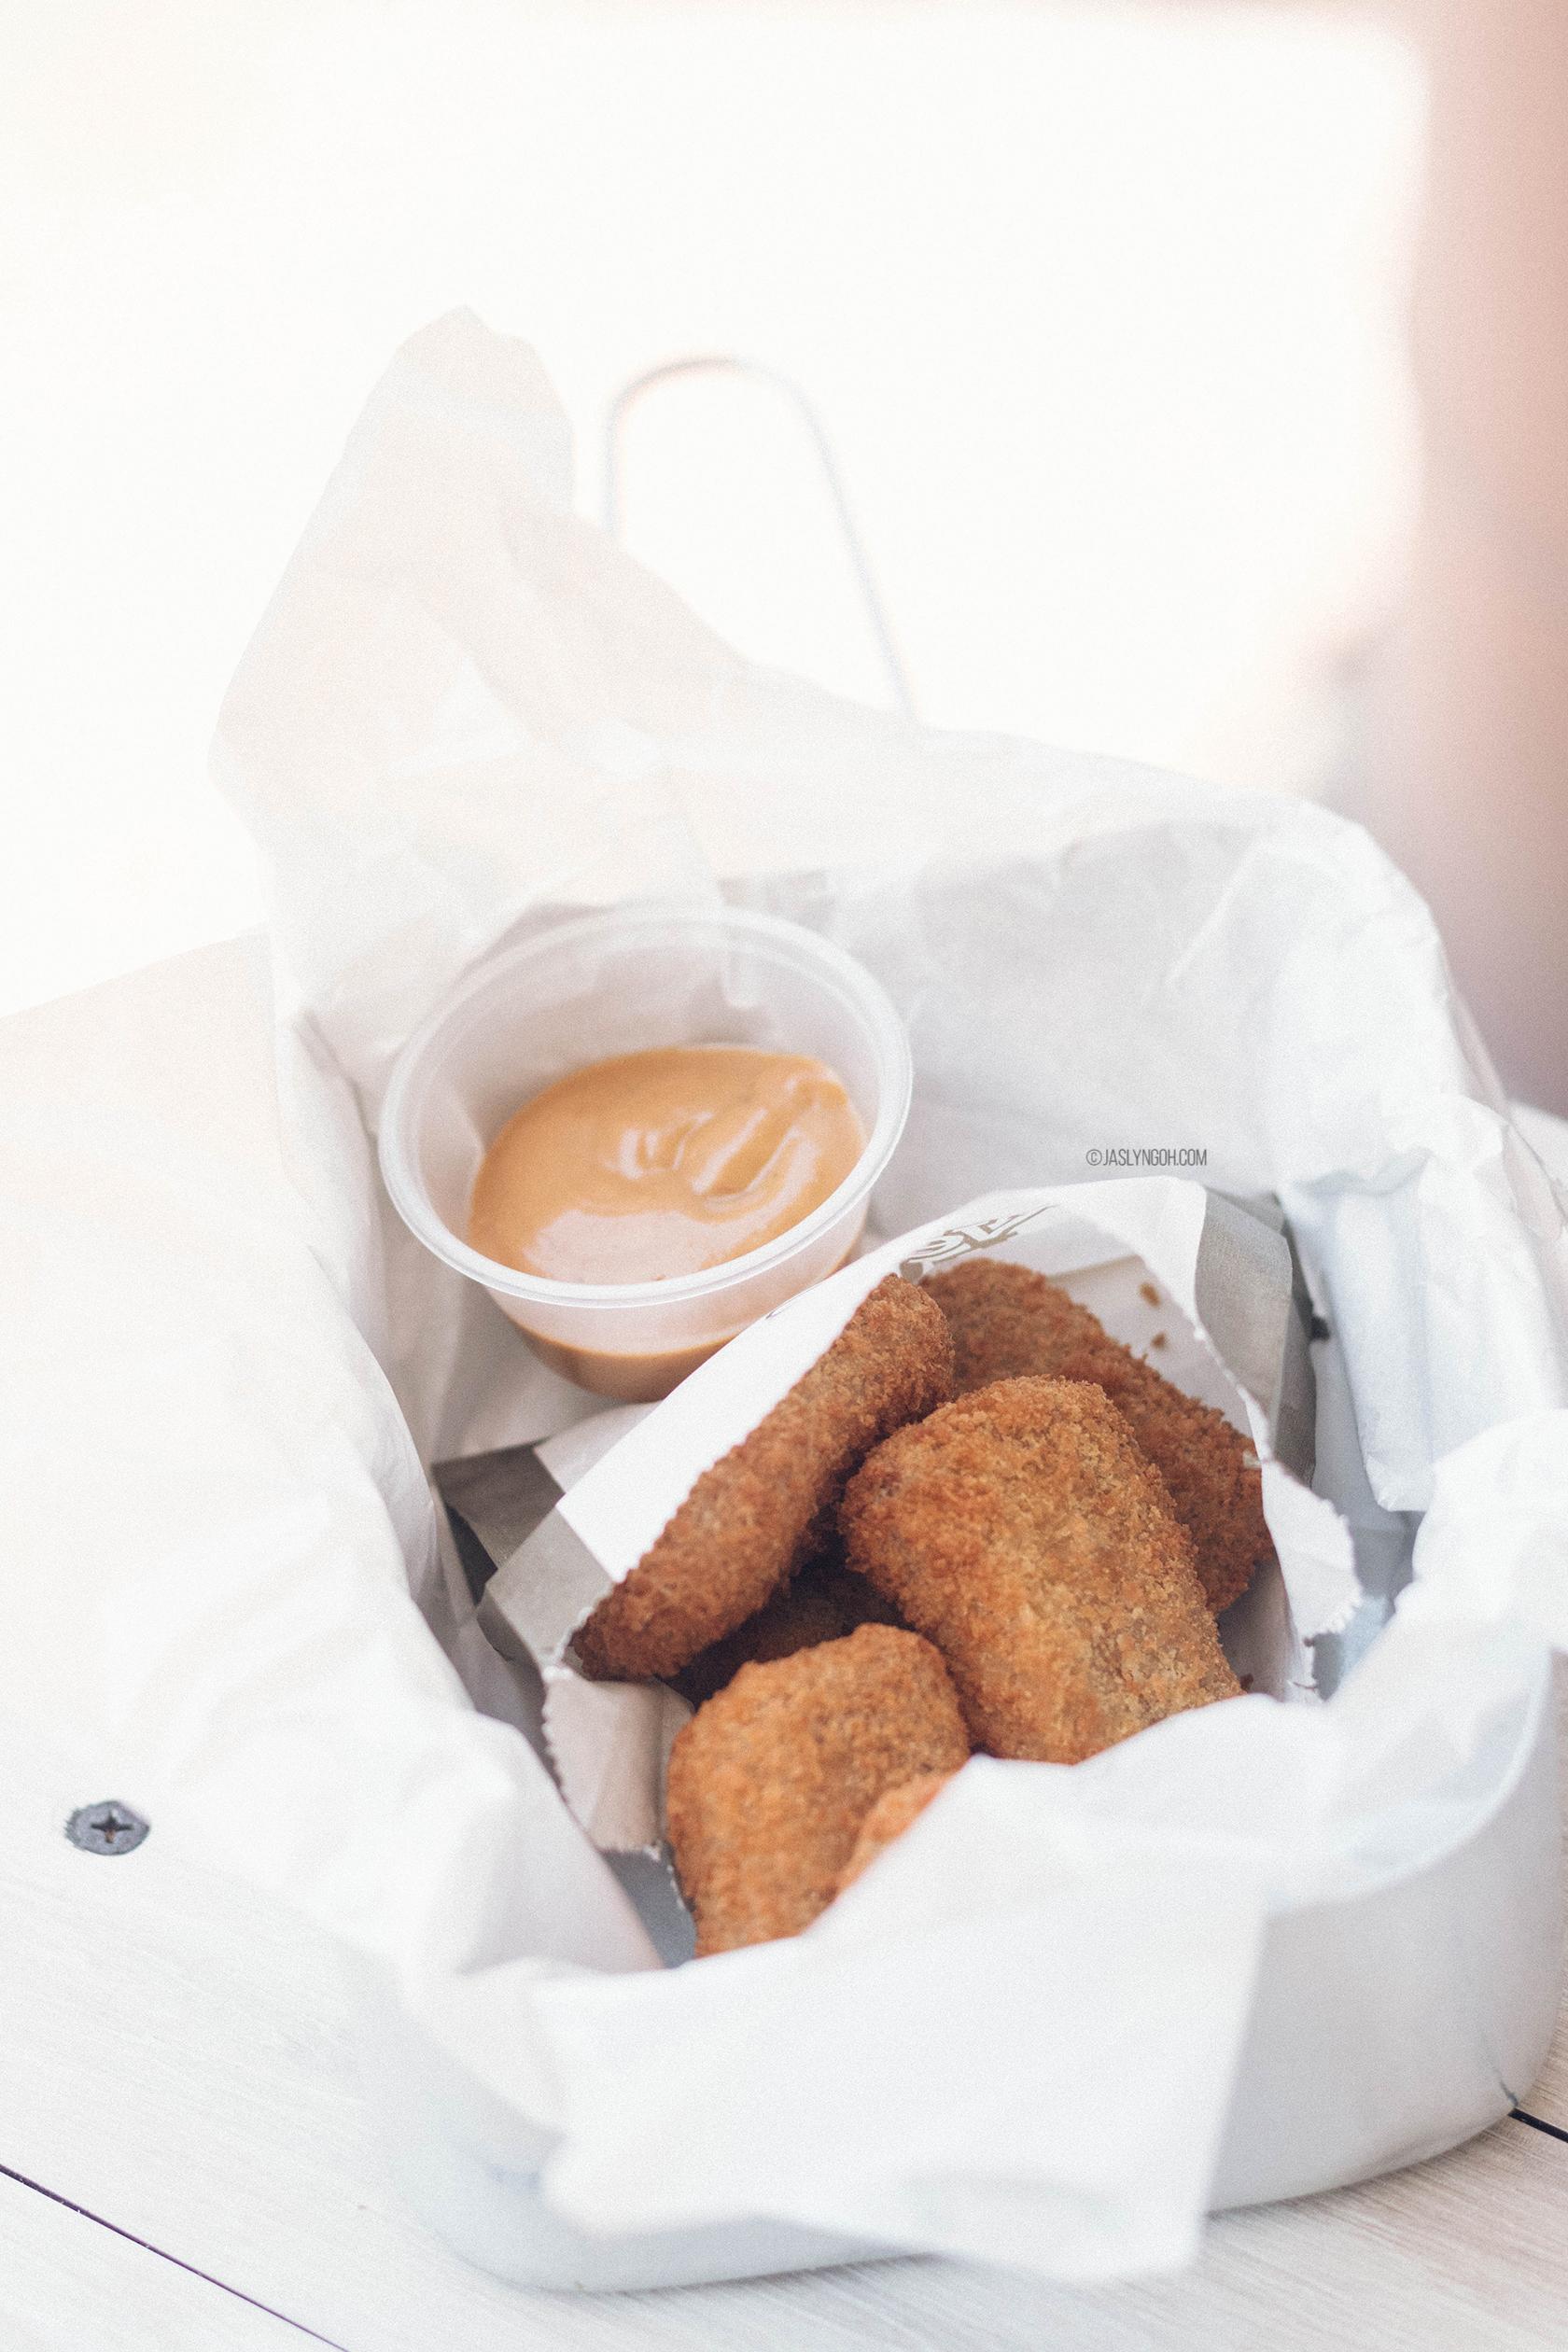 Chik'n Nuggets with Dijonnaise (Dijon + Mayonnaise) Sauce ($5.90)